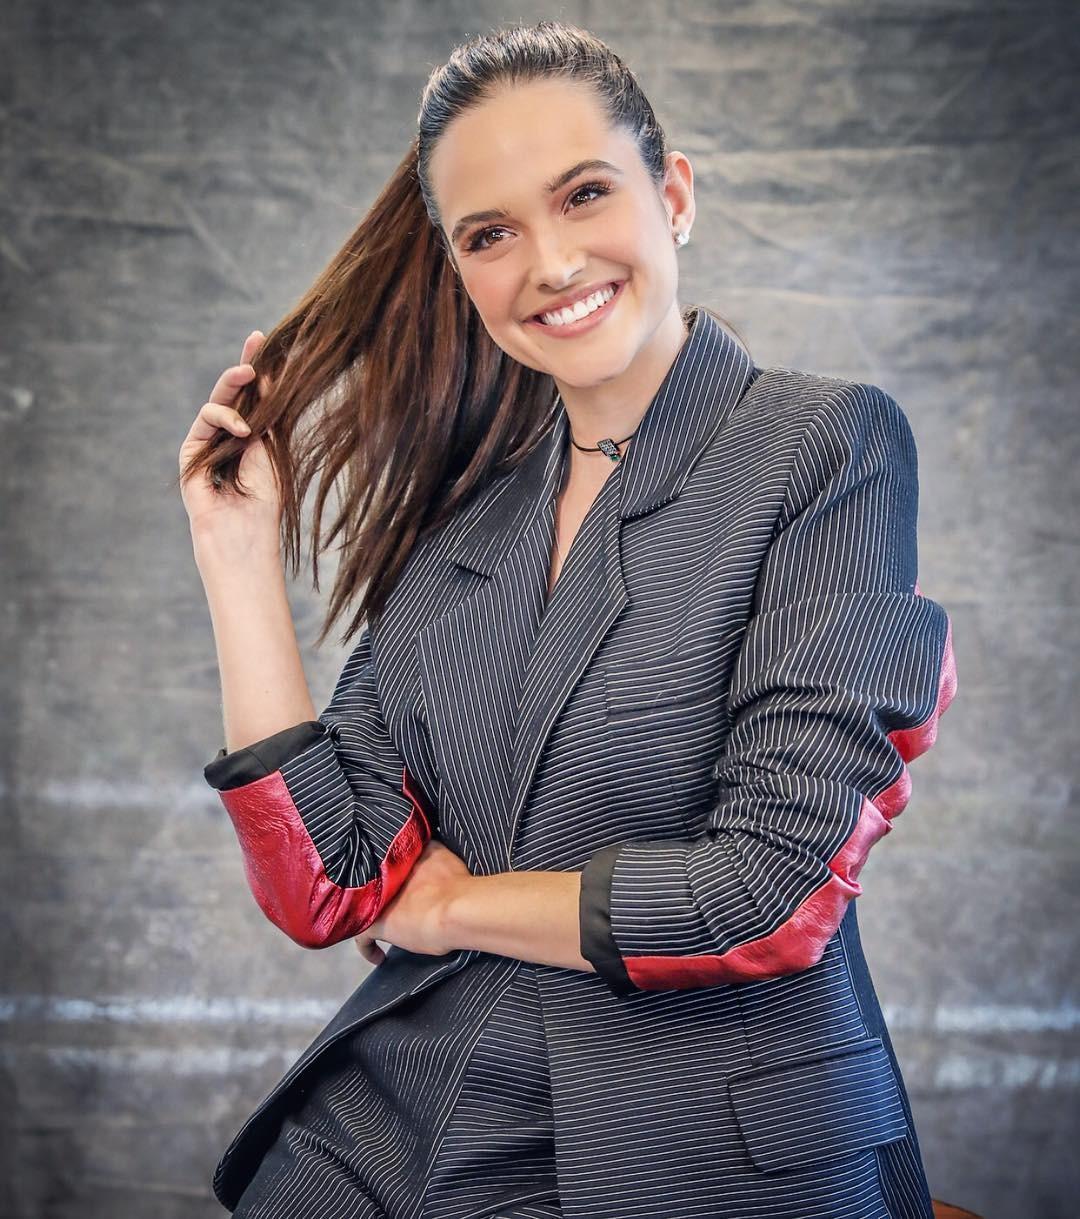 """Juliana Paiva interpretará Marocas na novela """"O Tempo Não Para"""" (Foto: Reprodução / Instagram)"""